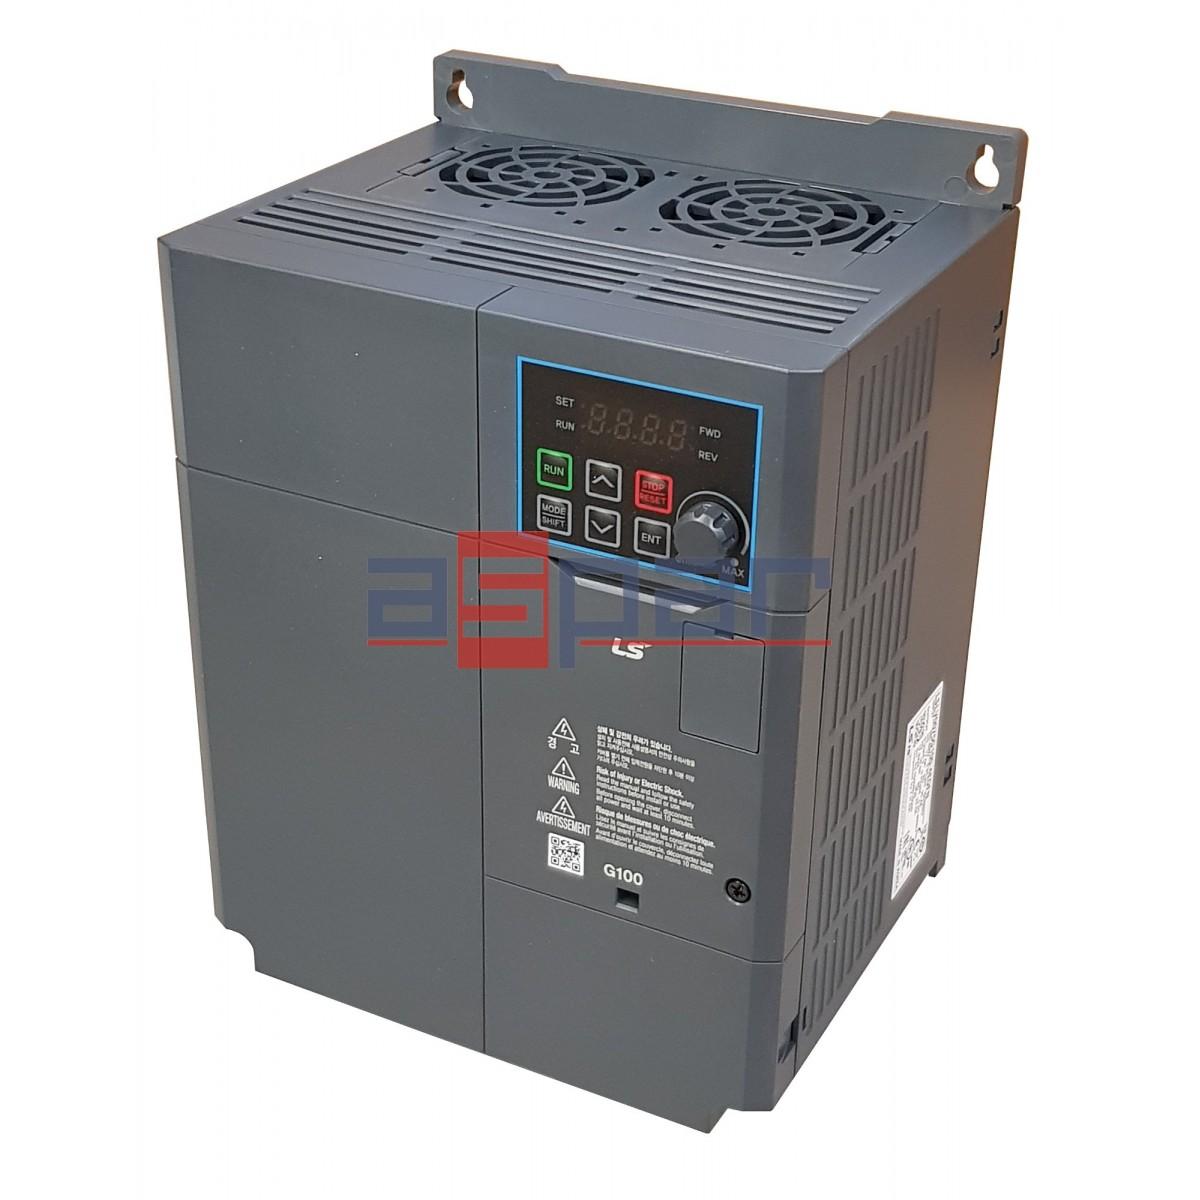 LSLV0075G100-4EOFN - 7,5kW, 3~